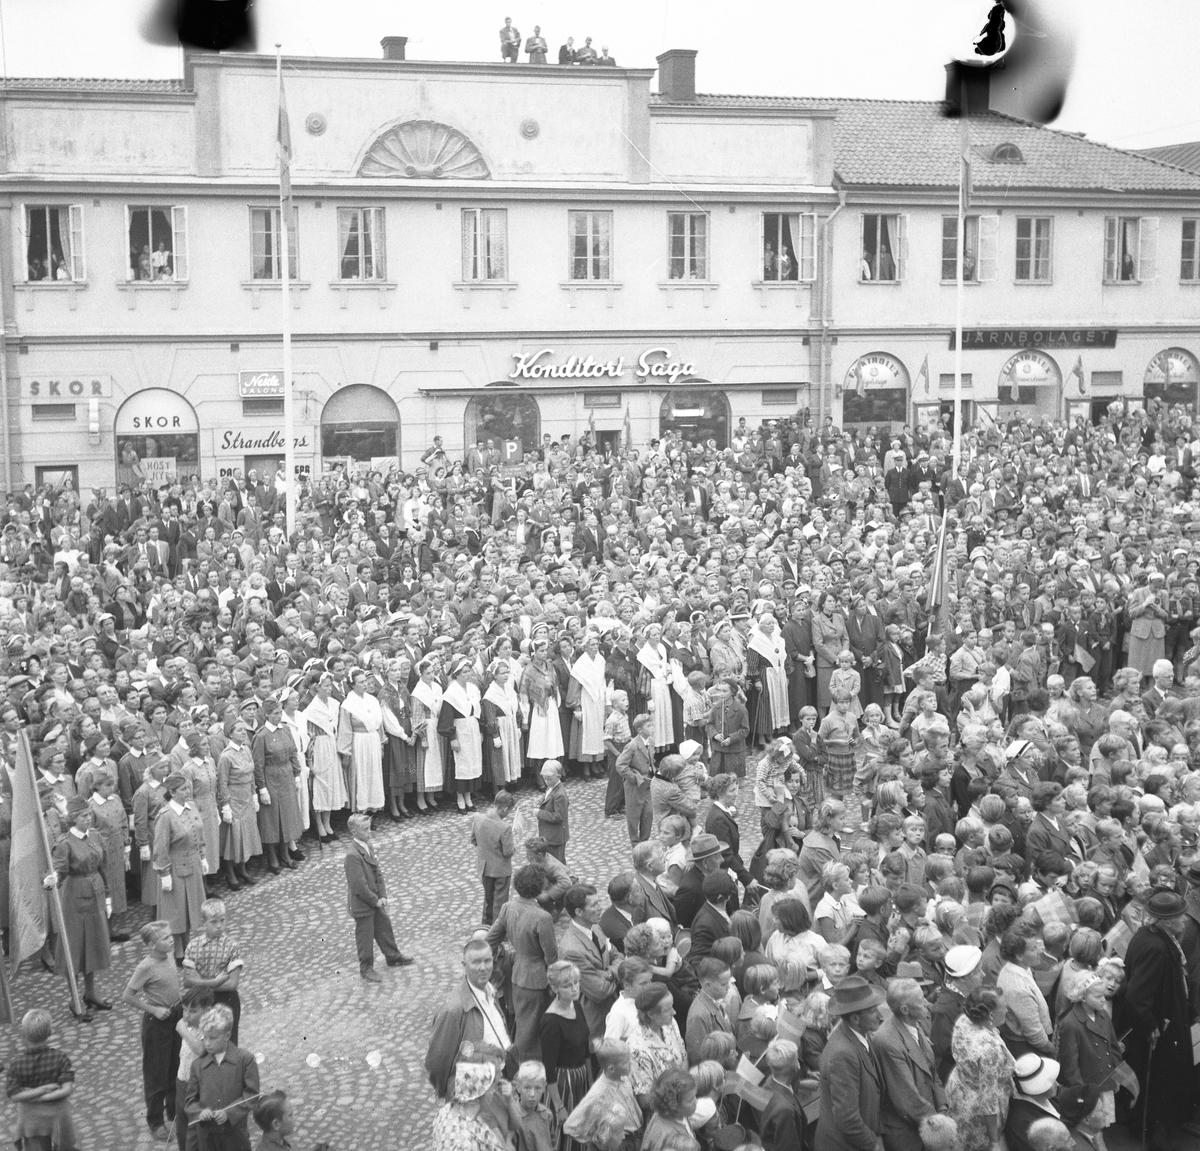 Människor har samlats, på Stora torget, för att se och höra kung Gustaf Vl Adolf. Han gästar Arboga under sin Eriksgata. I publiken ses Arboga Lottakår, kvinnor i folkdräkt, Arboga Scoutkår, gamla och unga. Några har klättrat upp på taket på Lungborgska fastigheten. I bakgrunden ses skoaffären, Strandbergs (Atchy Strandbergs frisersalong), Konditori Saga och Järnbolaget. För värdskapet svarade stadsfullmäktiges ordförande Jonas Carlsson och kommunalborgmästare Danliel Ekelund. Den organisationskommitté som ansvarade för arrangemangen, hade hos drätselkammaren begärt en summa av 3000 kronor för att täcka kostnaderna vid kungabesöket. Beloppet beviljades.  Tiden för kungens besök var beräknad till 130 minuter.